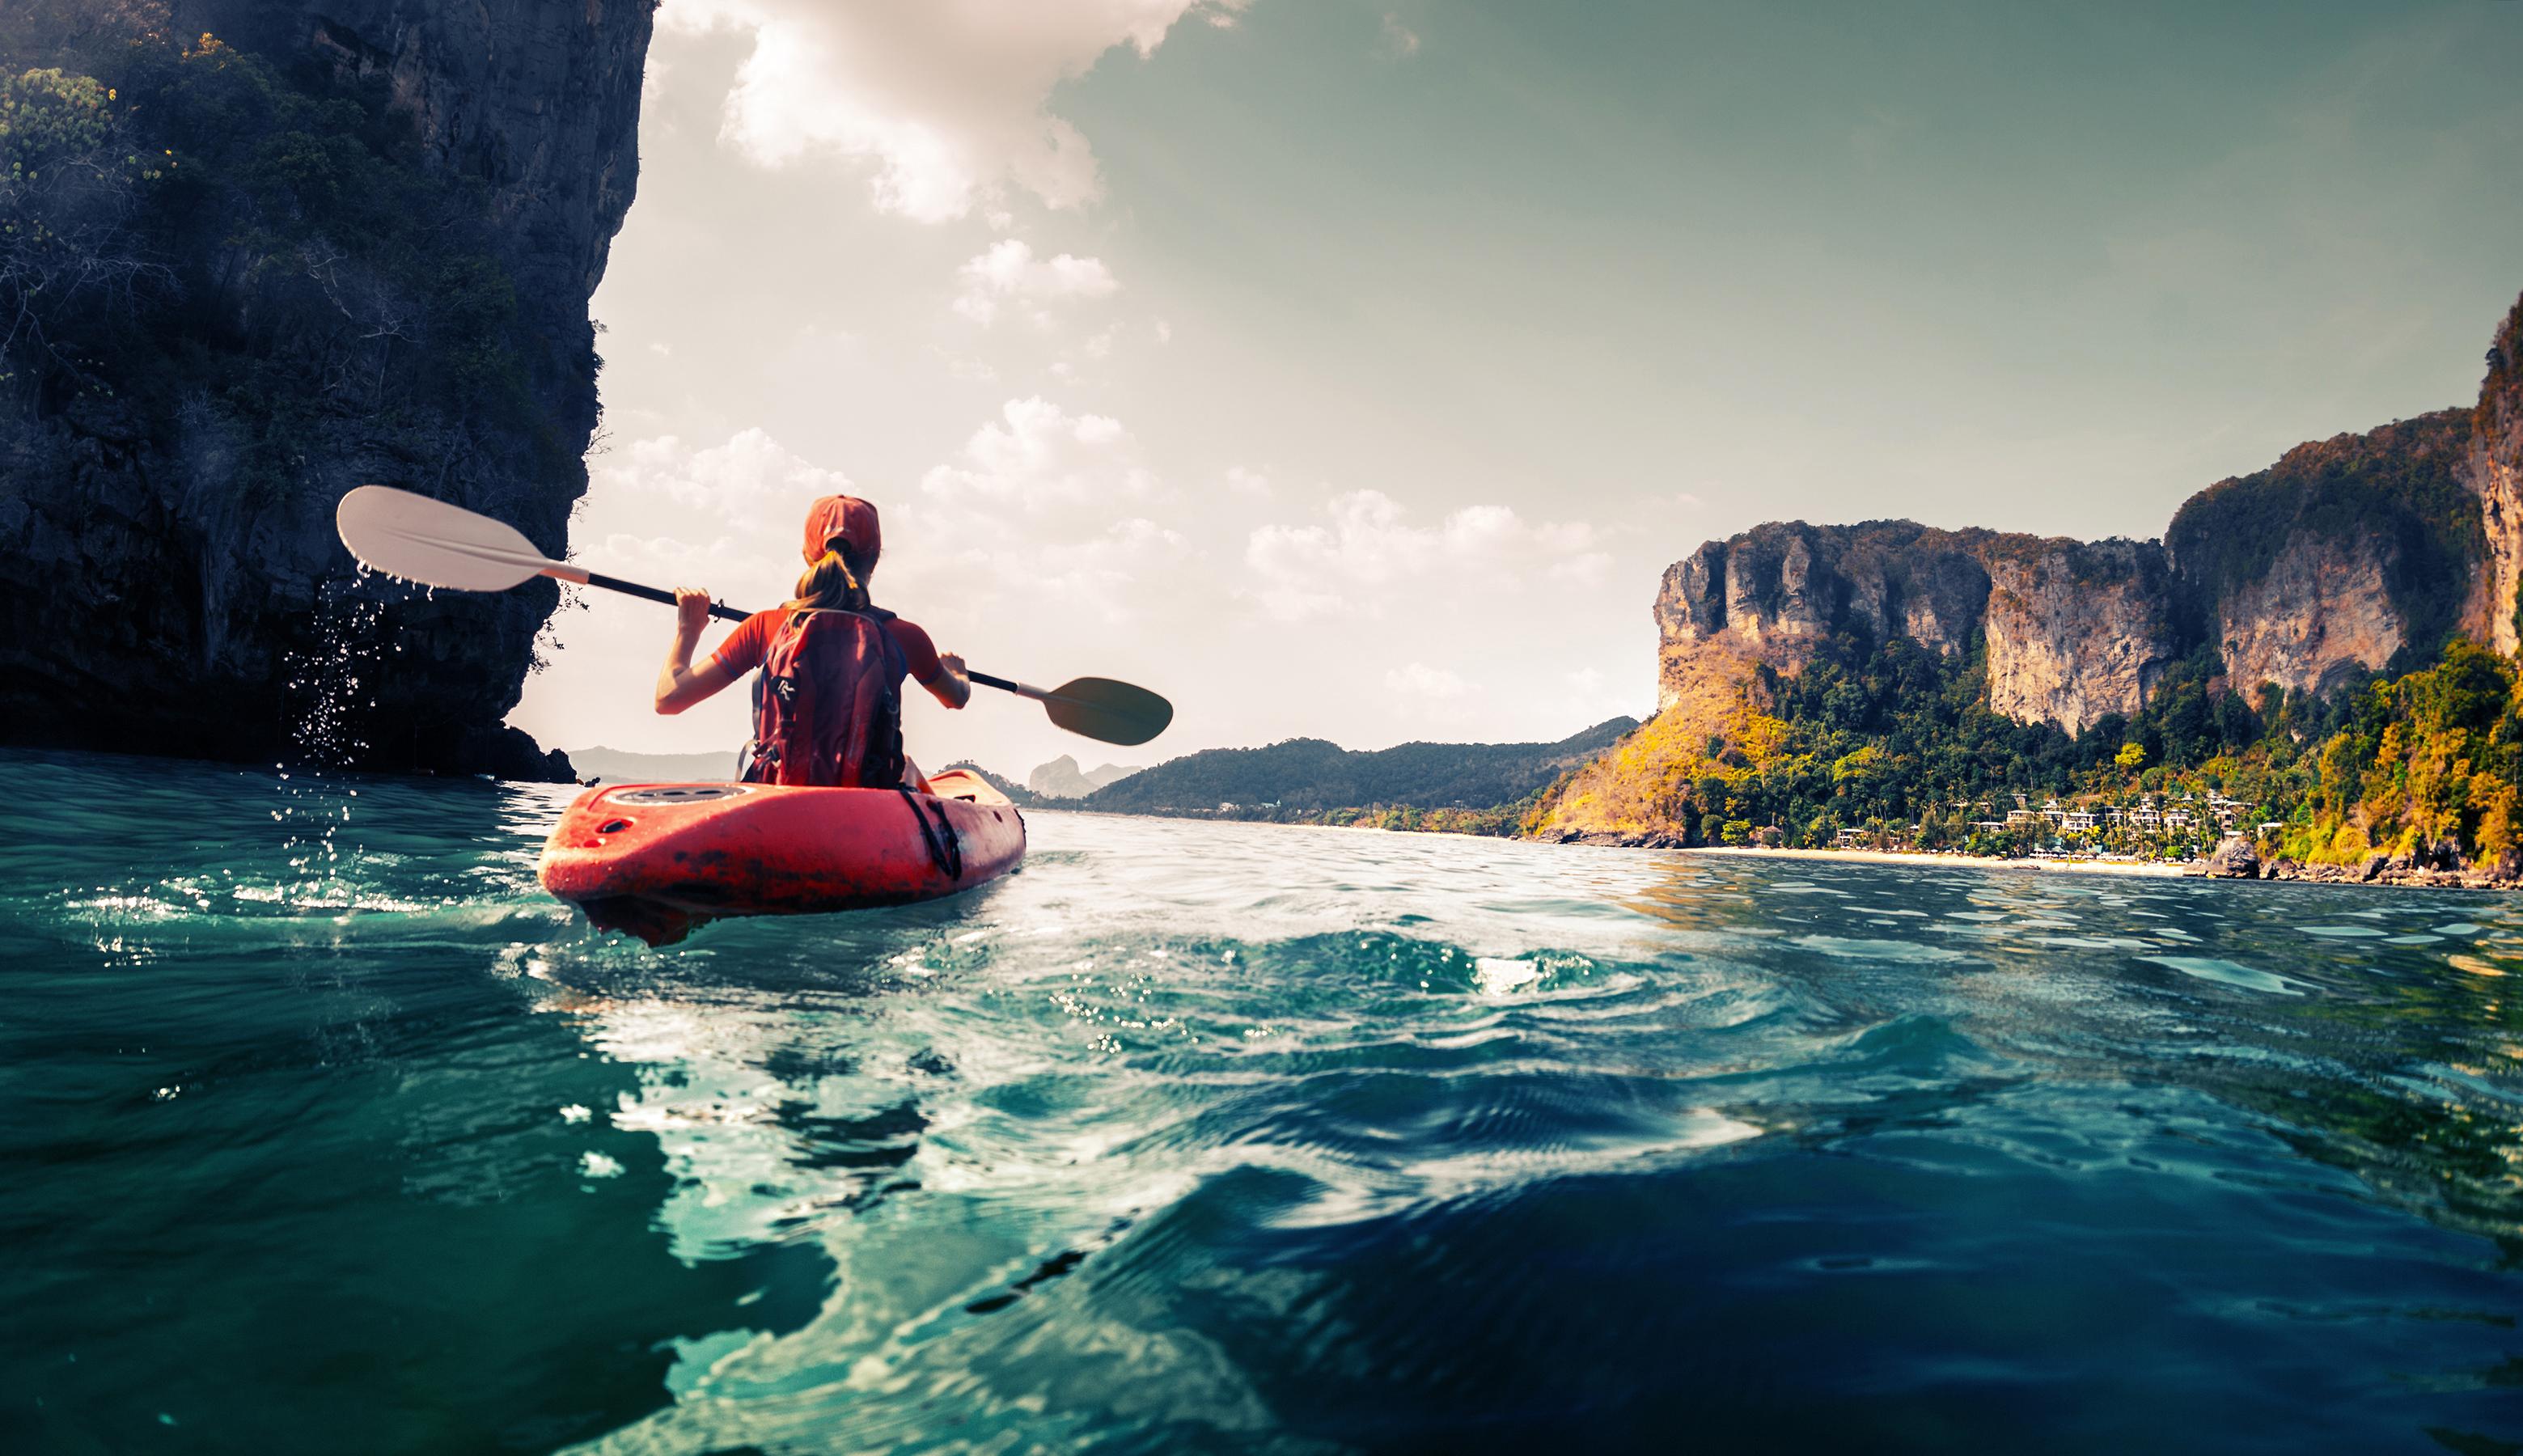 <p><strong>Водни забавления</strong></p>  <p>Ако сте фенове на водните забавления, на Гибралтар ще откриете много възможности. Можете да плувате с лодка или кану, както и да се грумкате с шнорхел над рифа.</p>